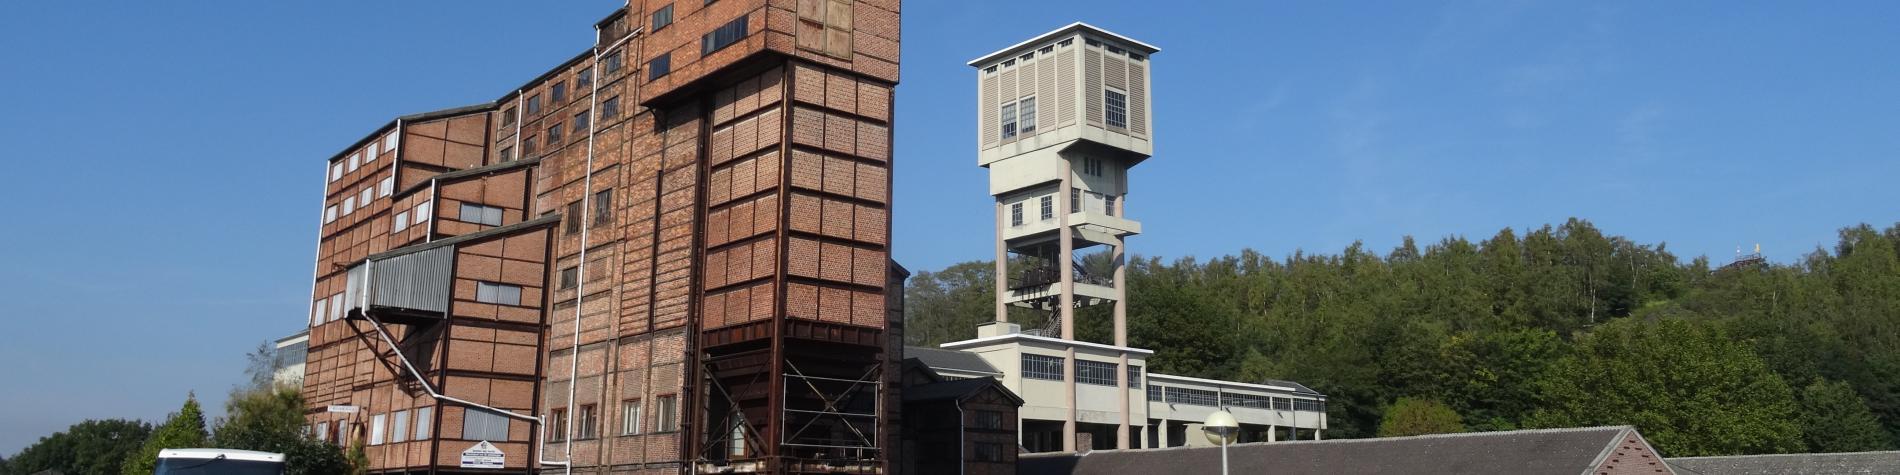 Special Venues insolite Incentives en Wallonie Blegny-Mine